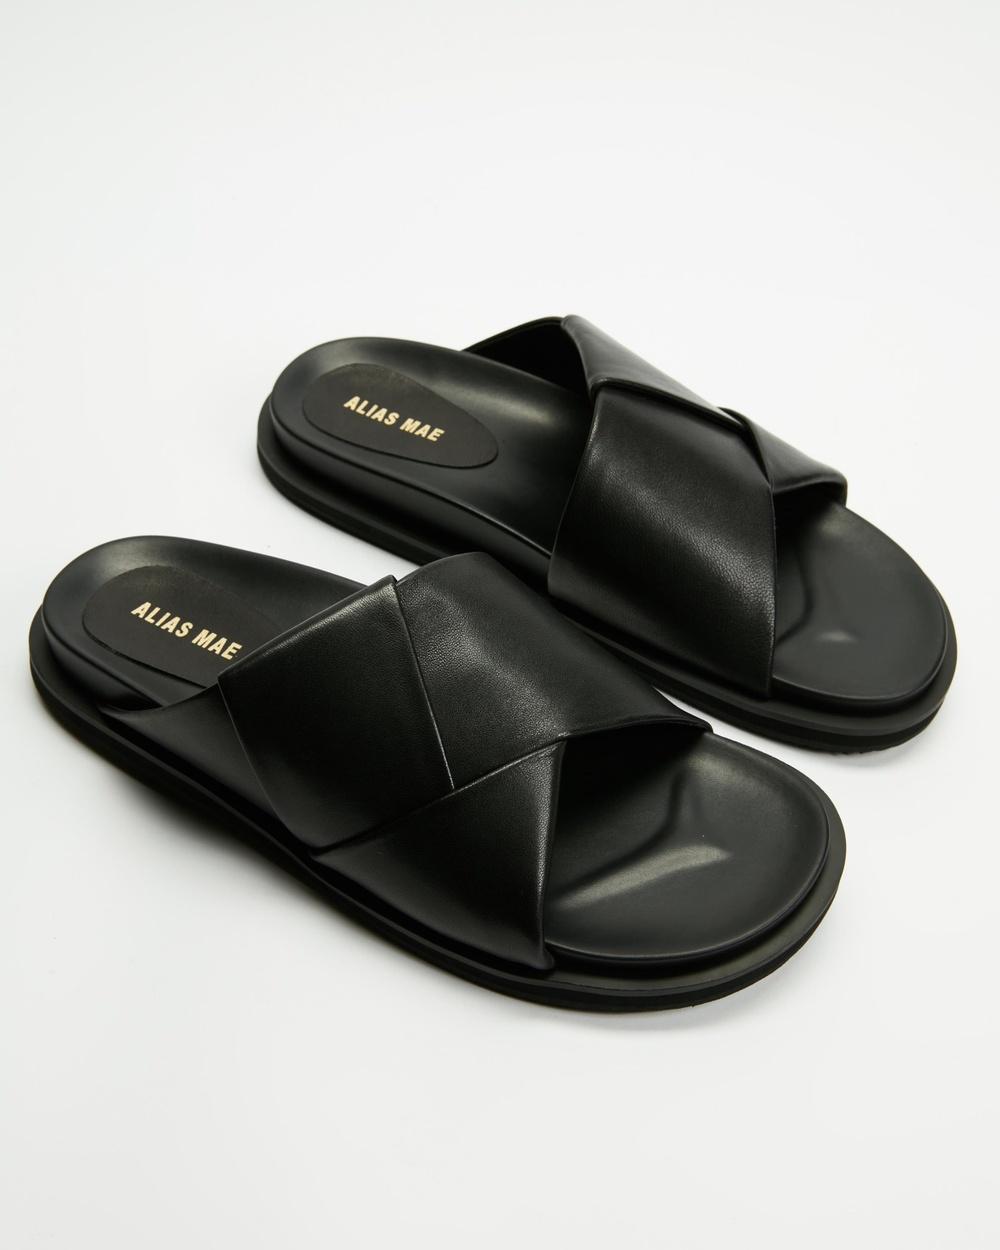 Alias Mae Solaris Sandals Black Leather